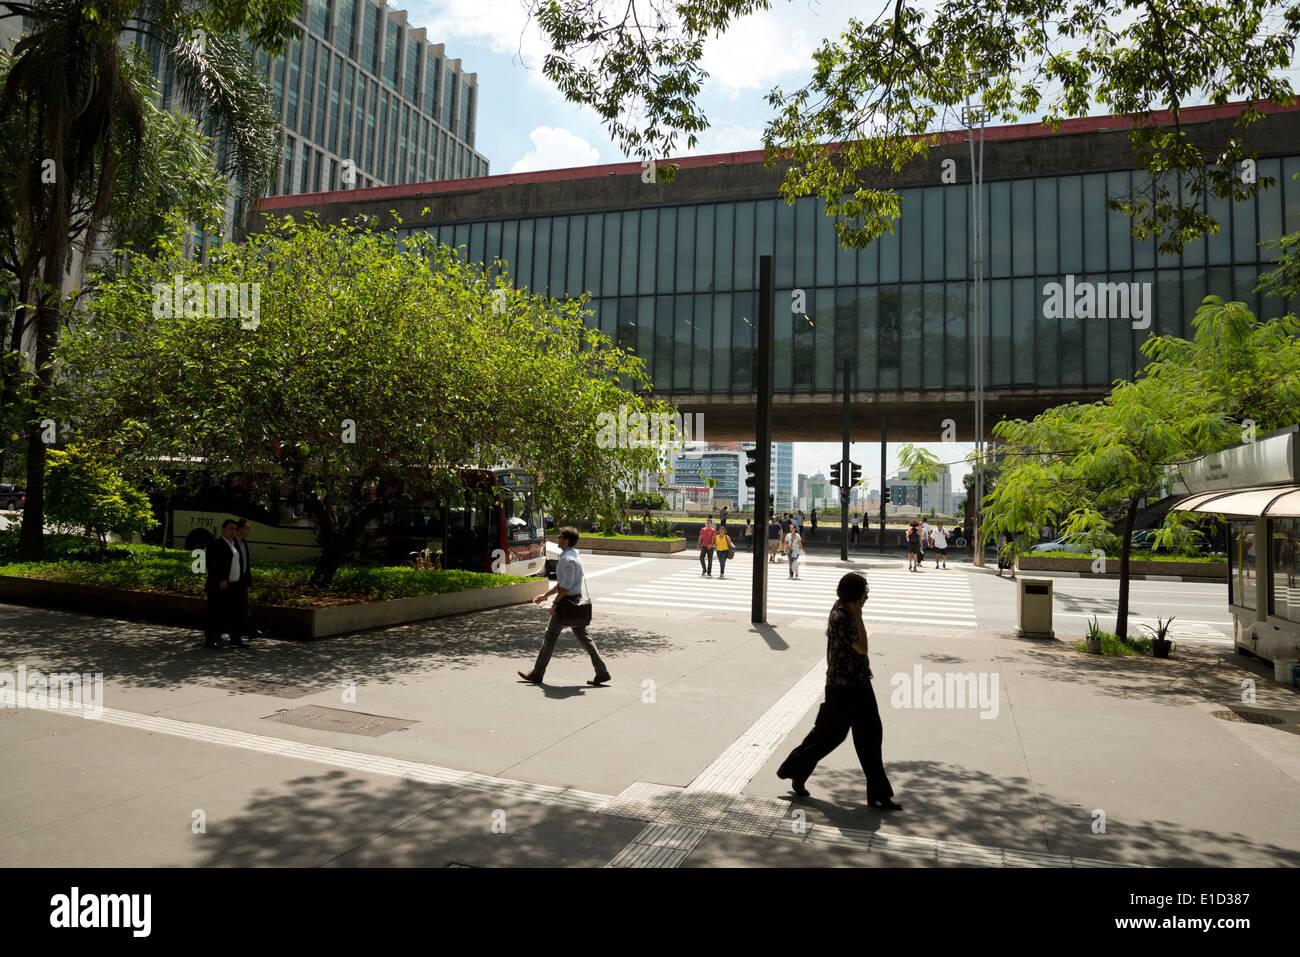 L'Avenida Paulista avec le Musée d'Art de São Paulo derrière Banque D'Images